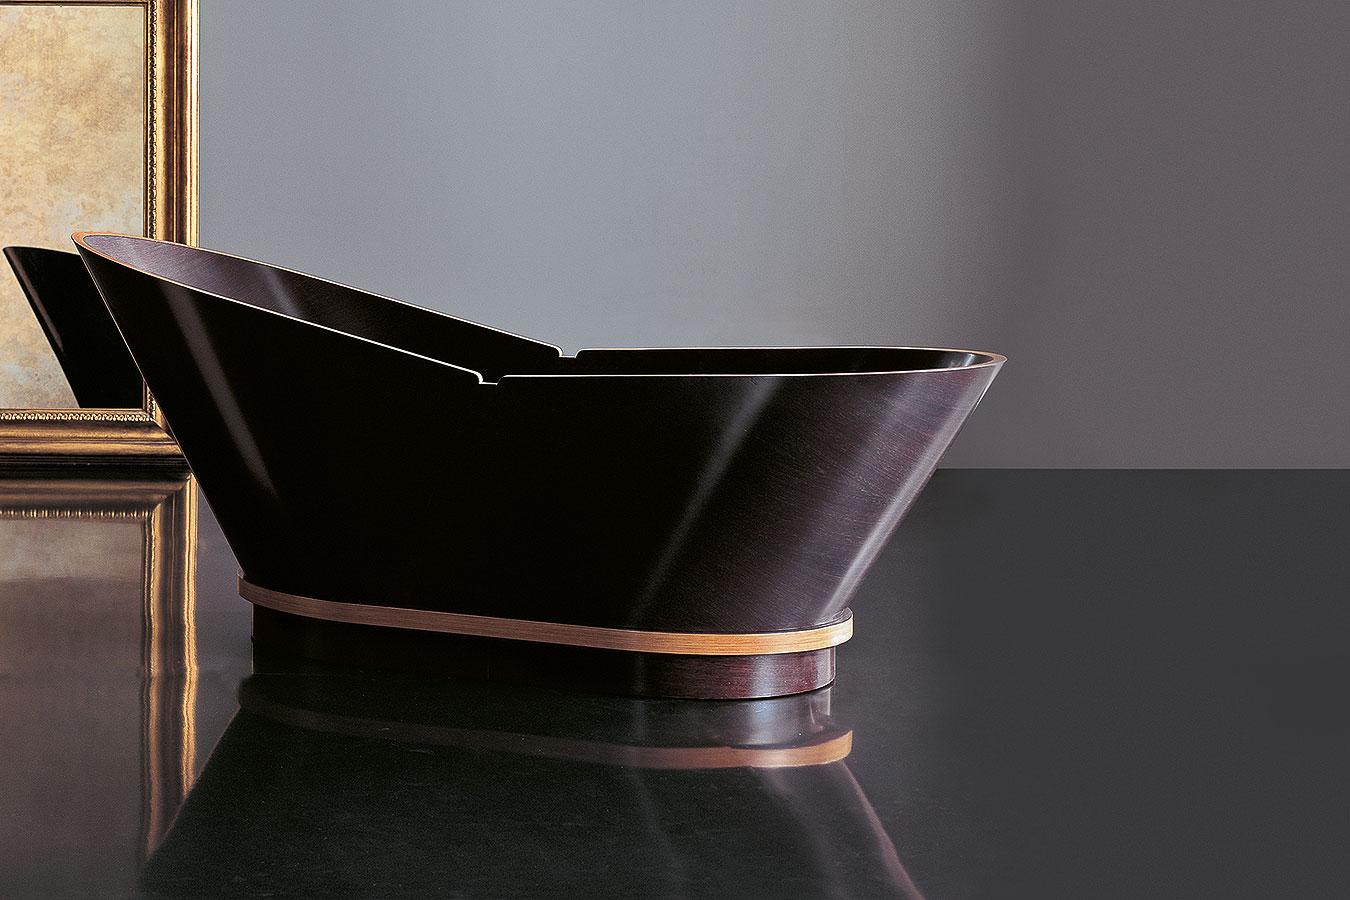 Vasche Da Bagno Treesse Listino Prezzi : Vasche da bagno e vasche idromassaggio gruppo treesse